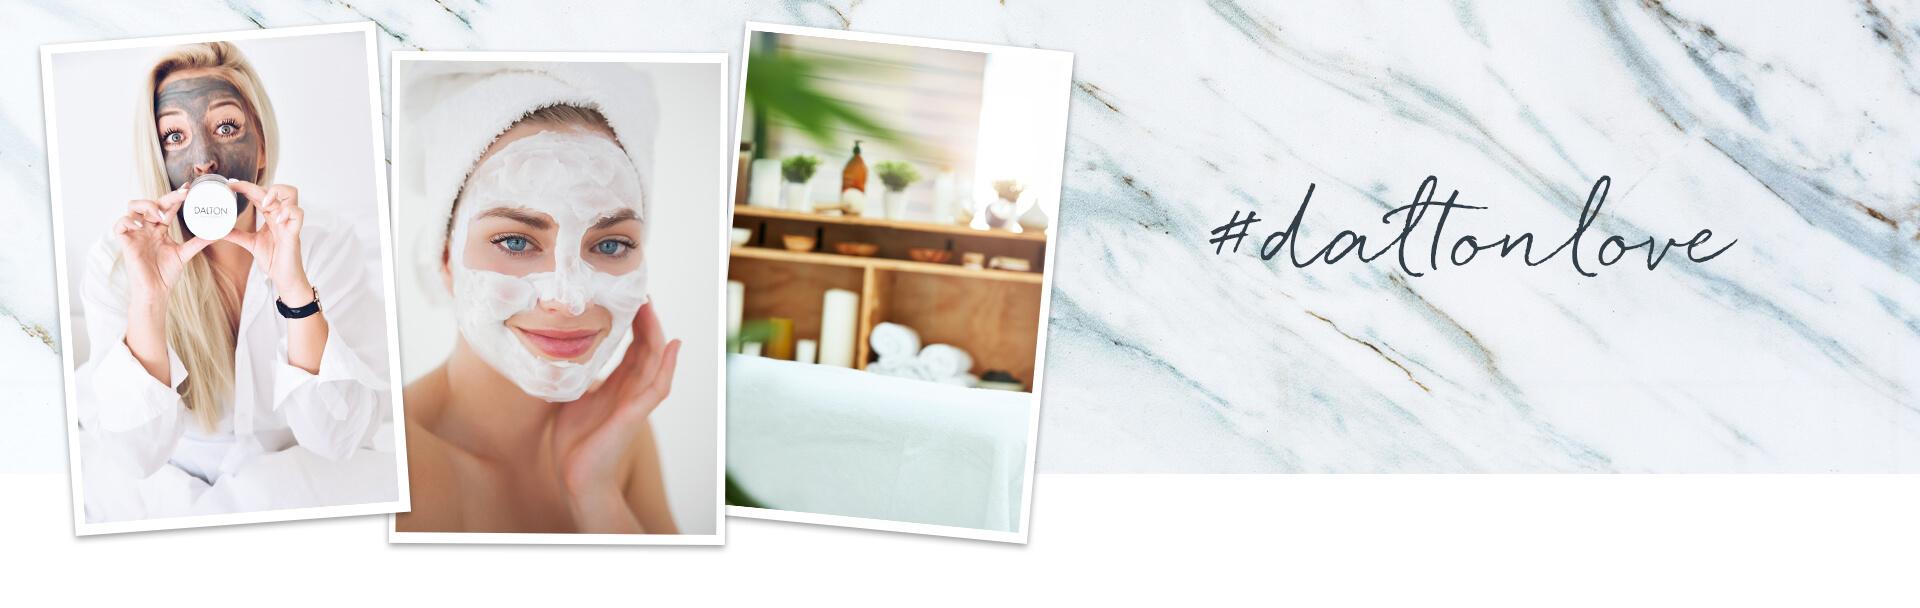 #daltonlove - Unsere Beautyexperten, Influencer und Mitarbeiter Lieblingsprodukte